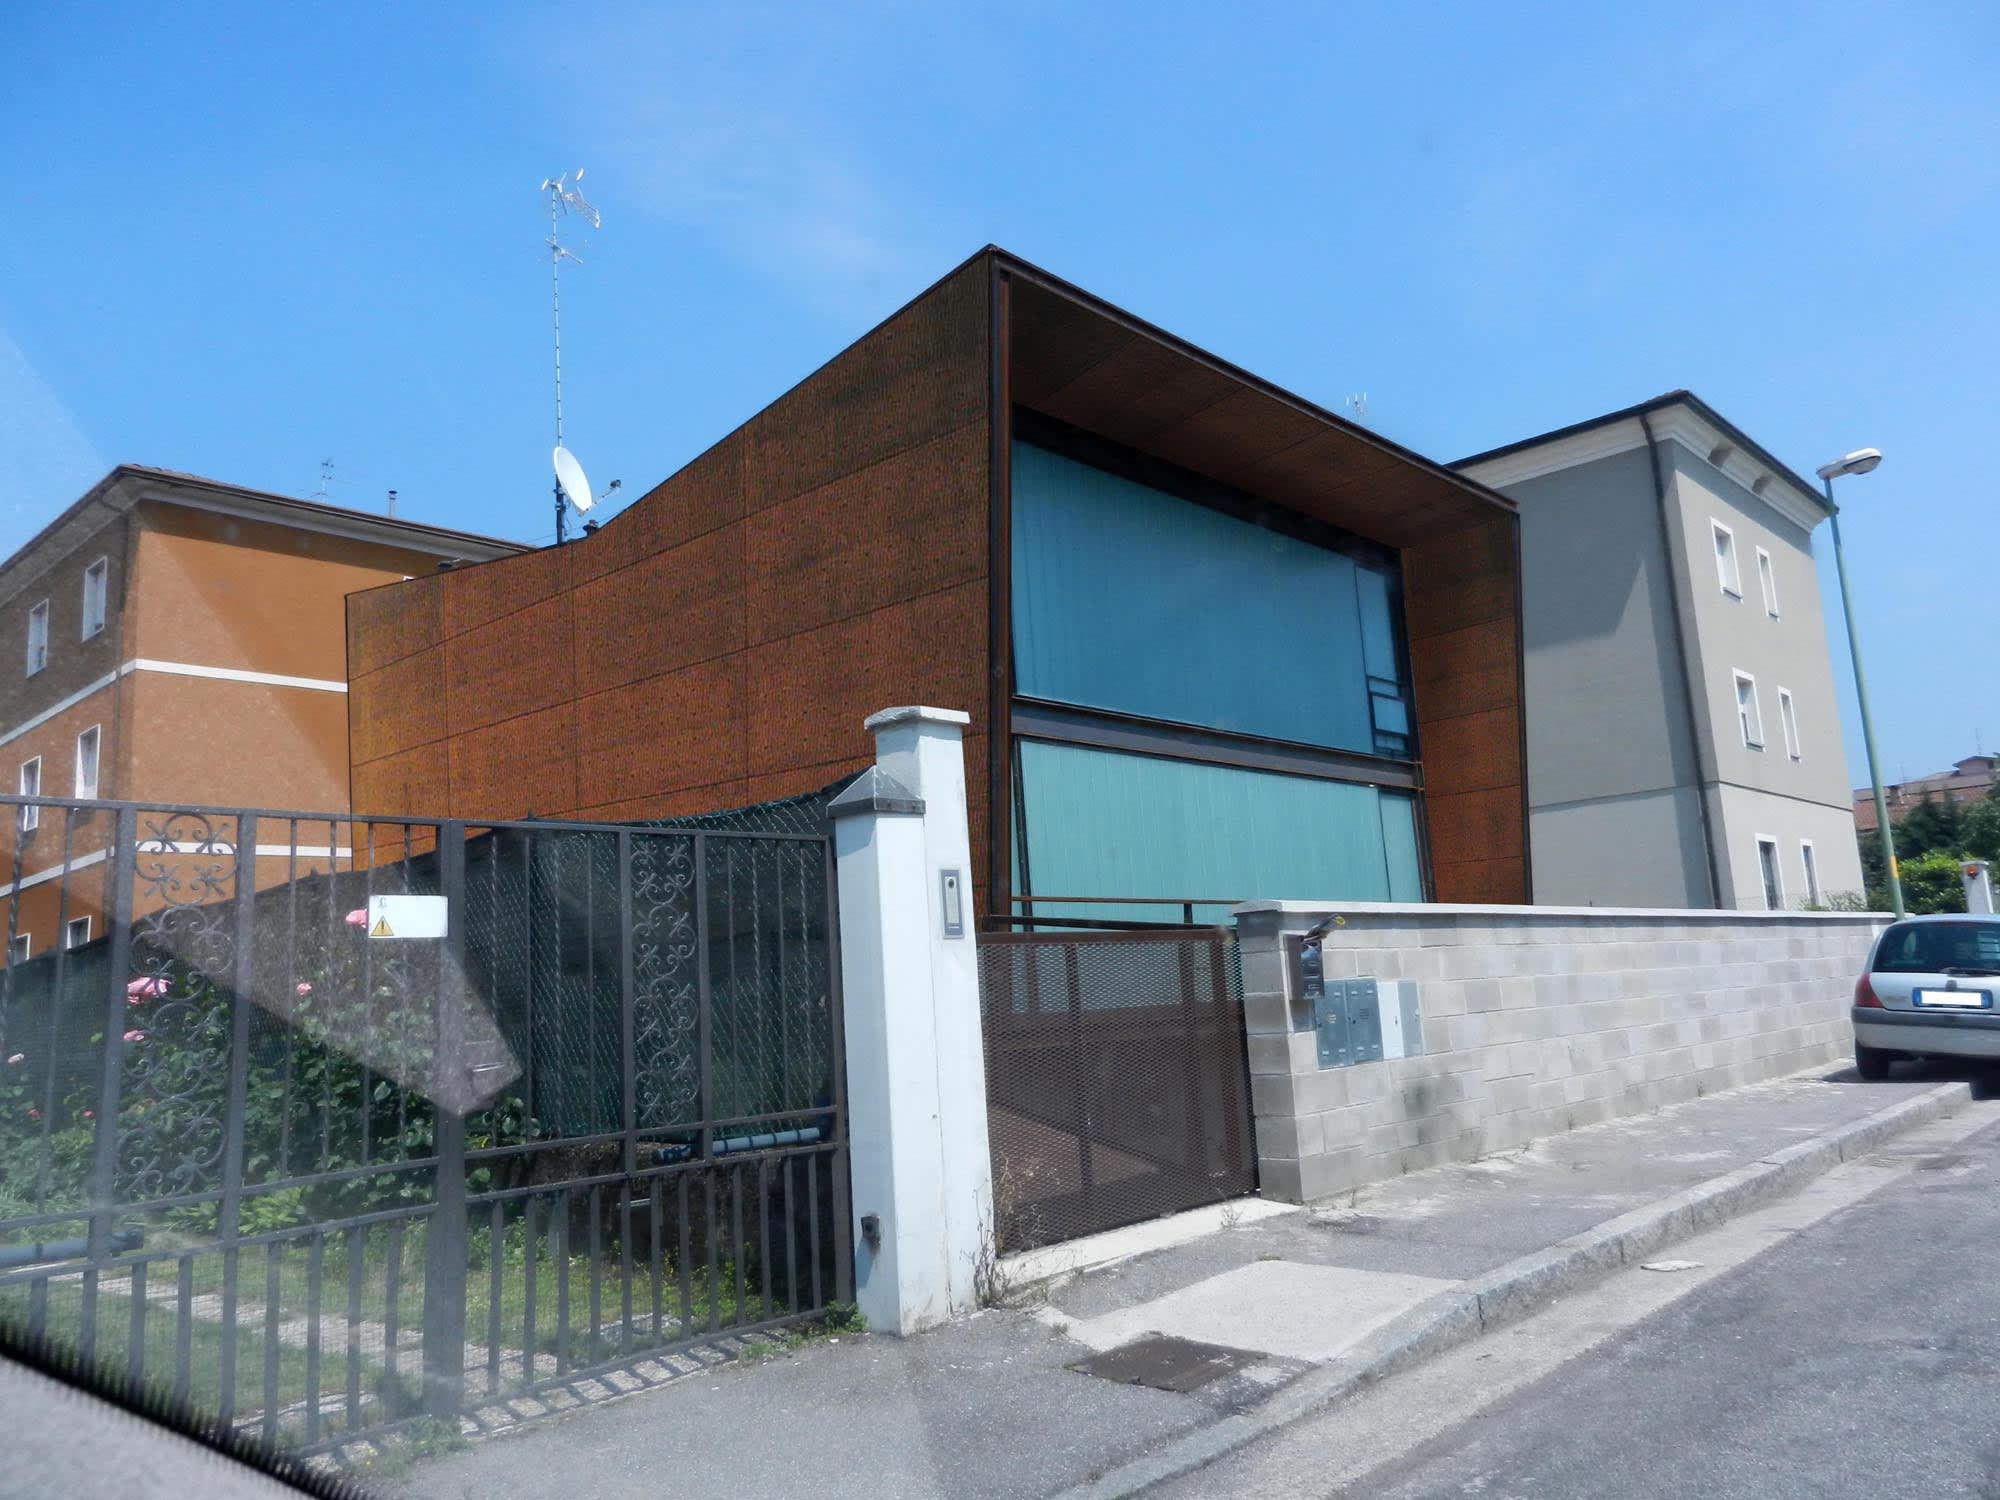 M rcio tolotti architetto whistlehouse brescia italy for Architetto brescia